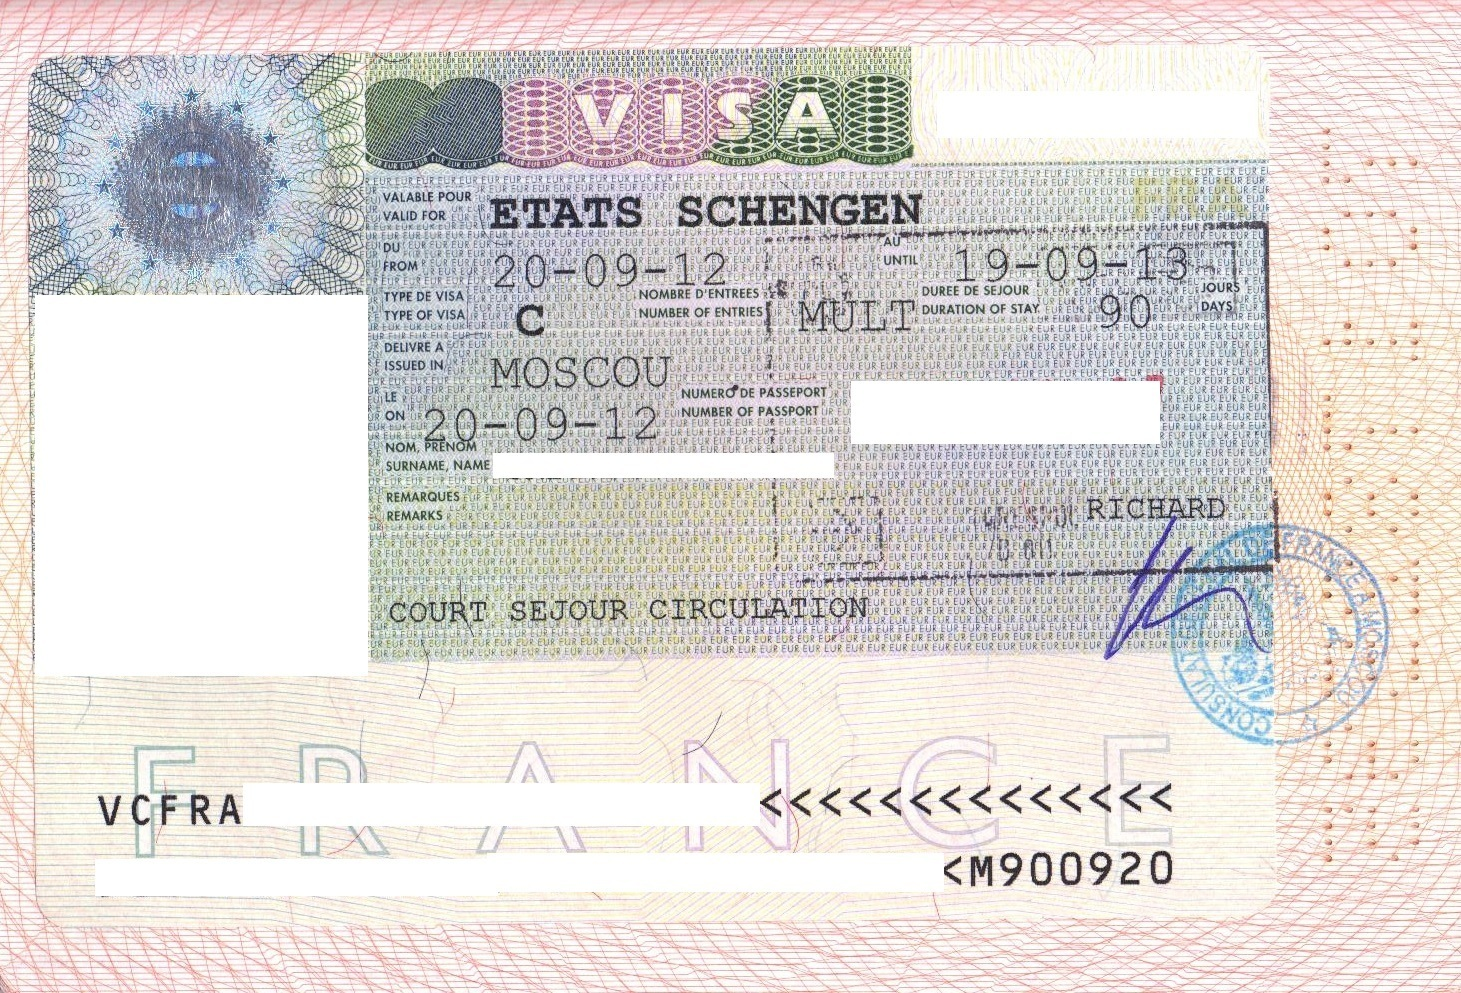 Разрешение на шенген ребенку: требуется ли оформление если едет с одним родителем. - права семей